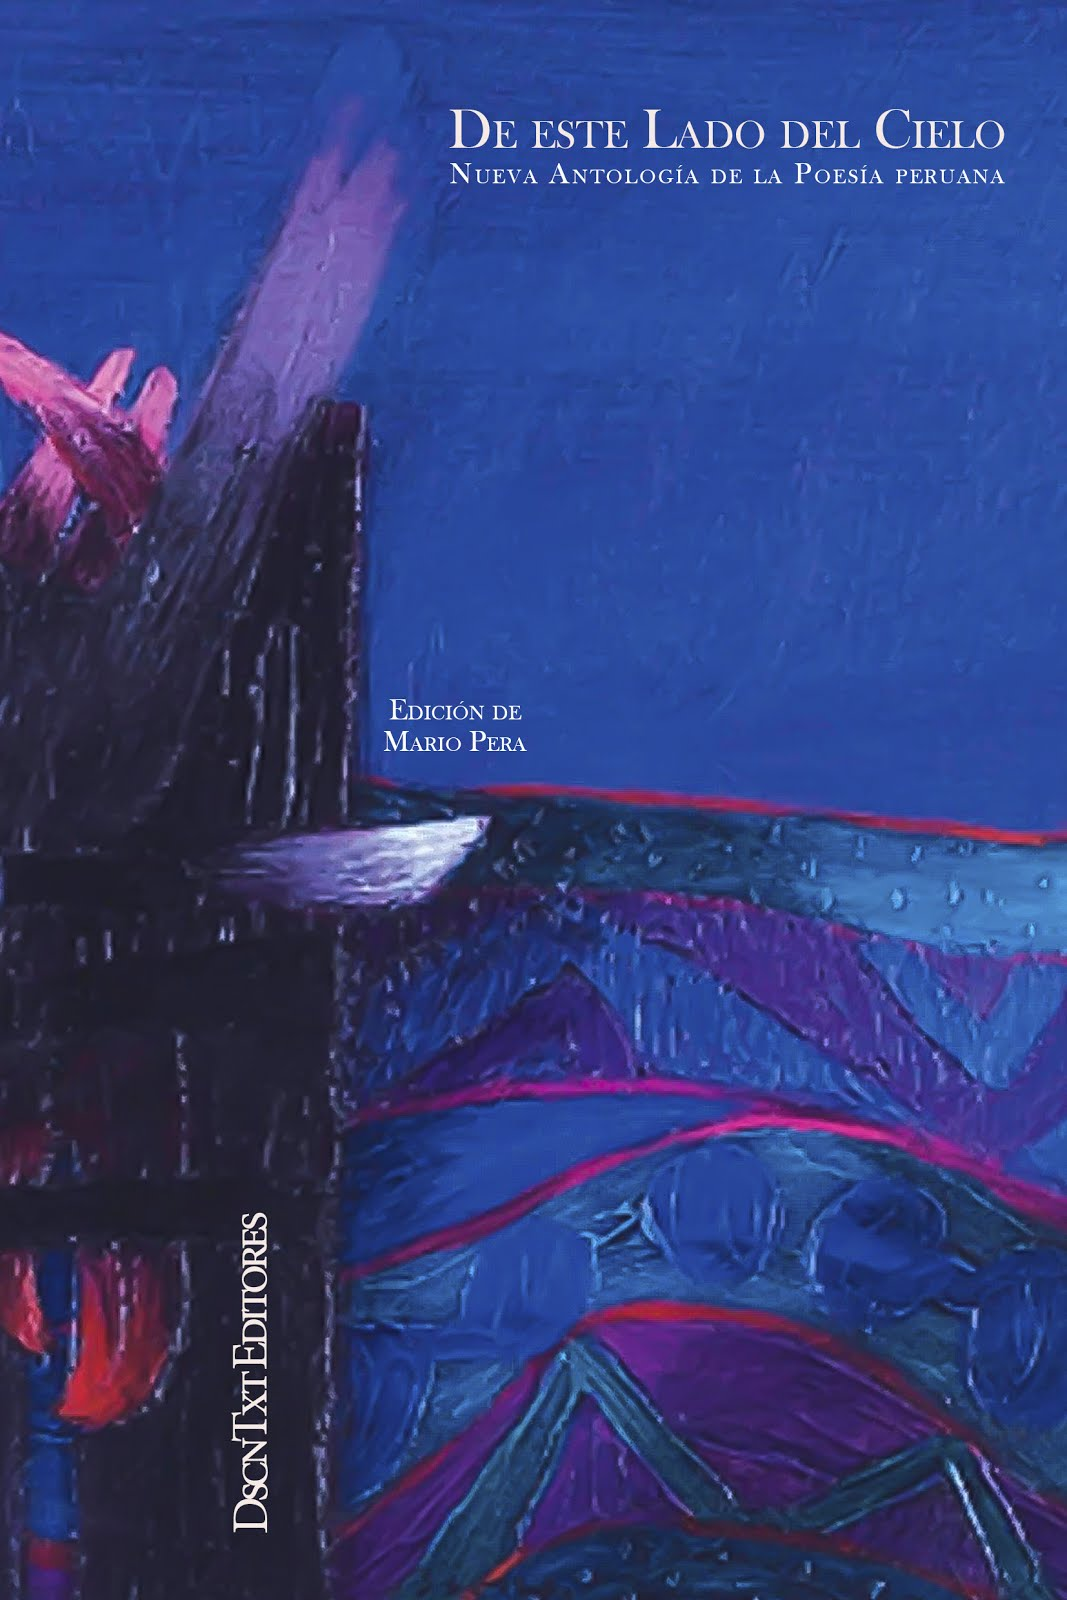 De este lado del cielo. Nueva antología de la Poesía Peruana. Edición de Mario Pera